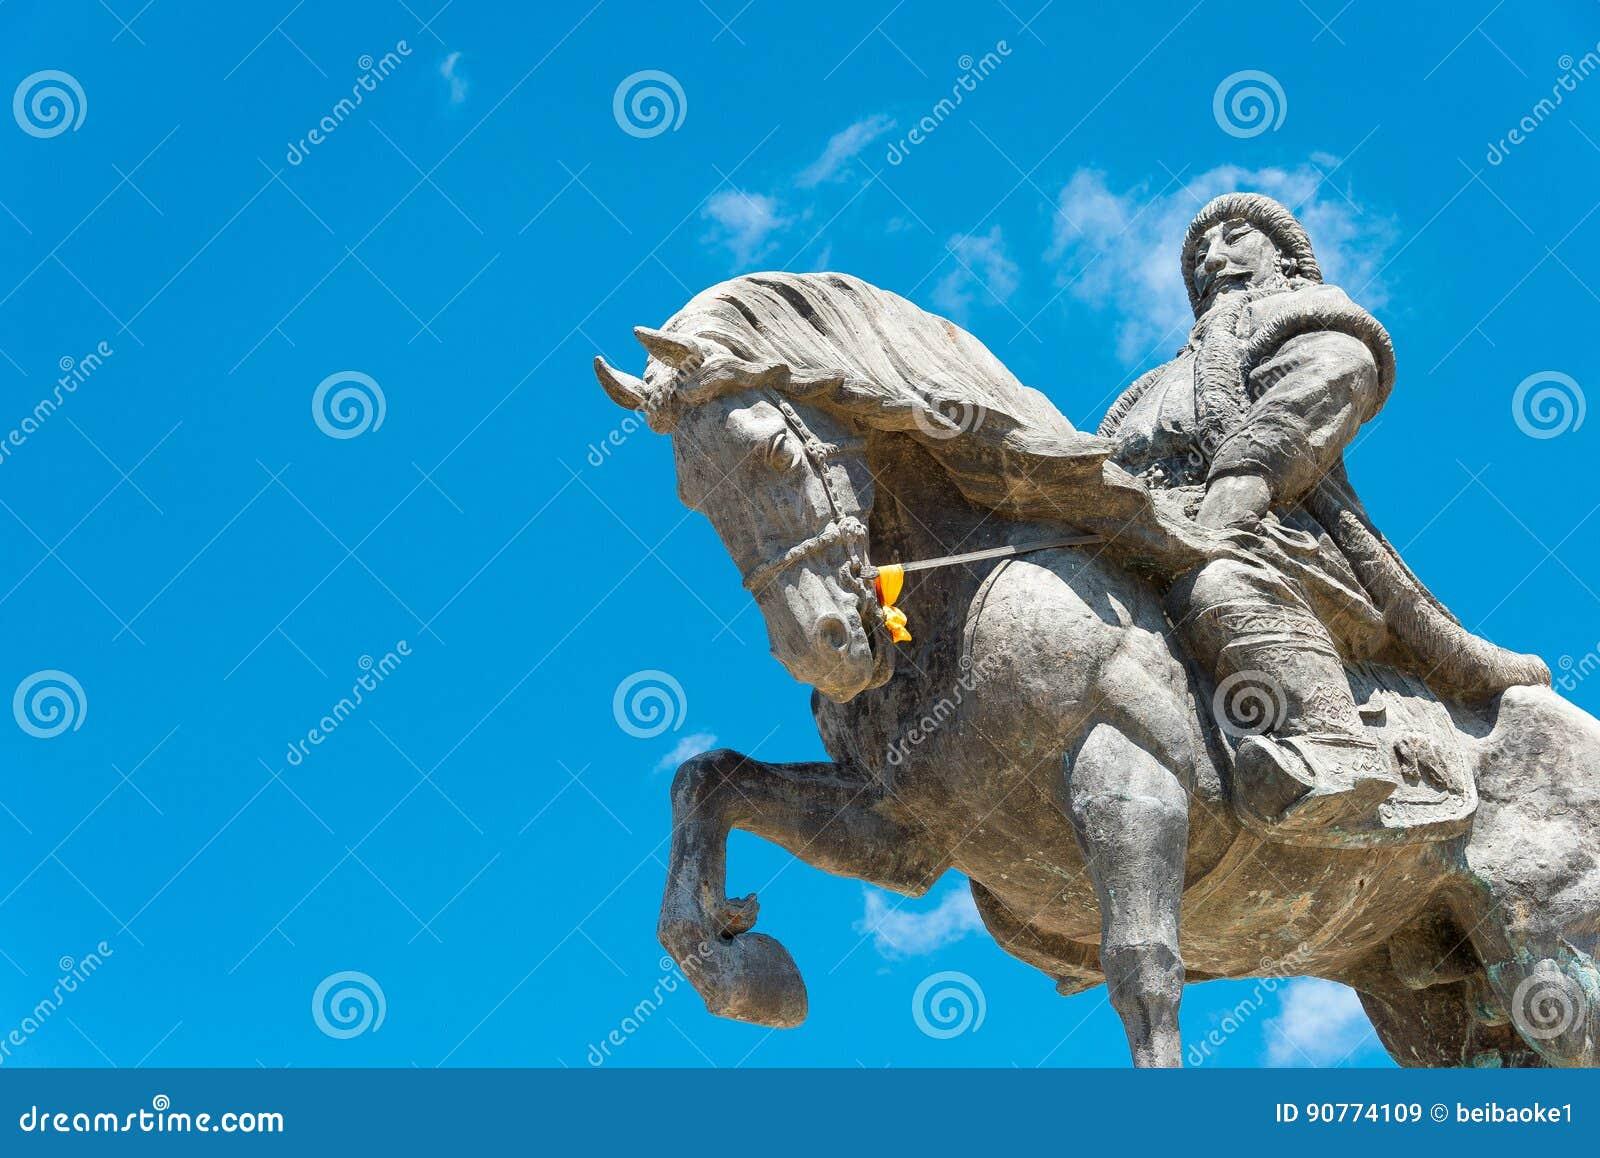 INNER MONGOLIA, CHINA - 10 de agosto de 2015: Kublai Khan Statue em Kubla